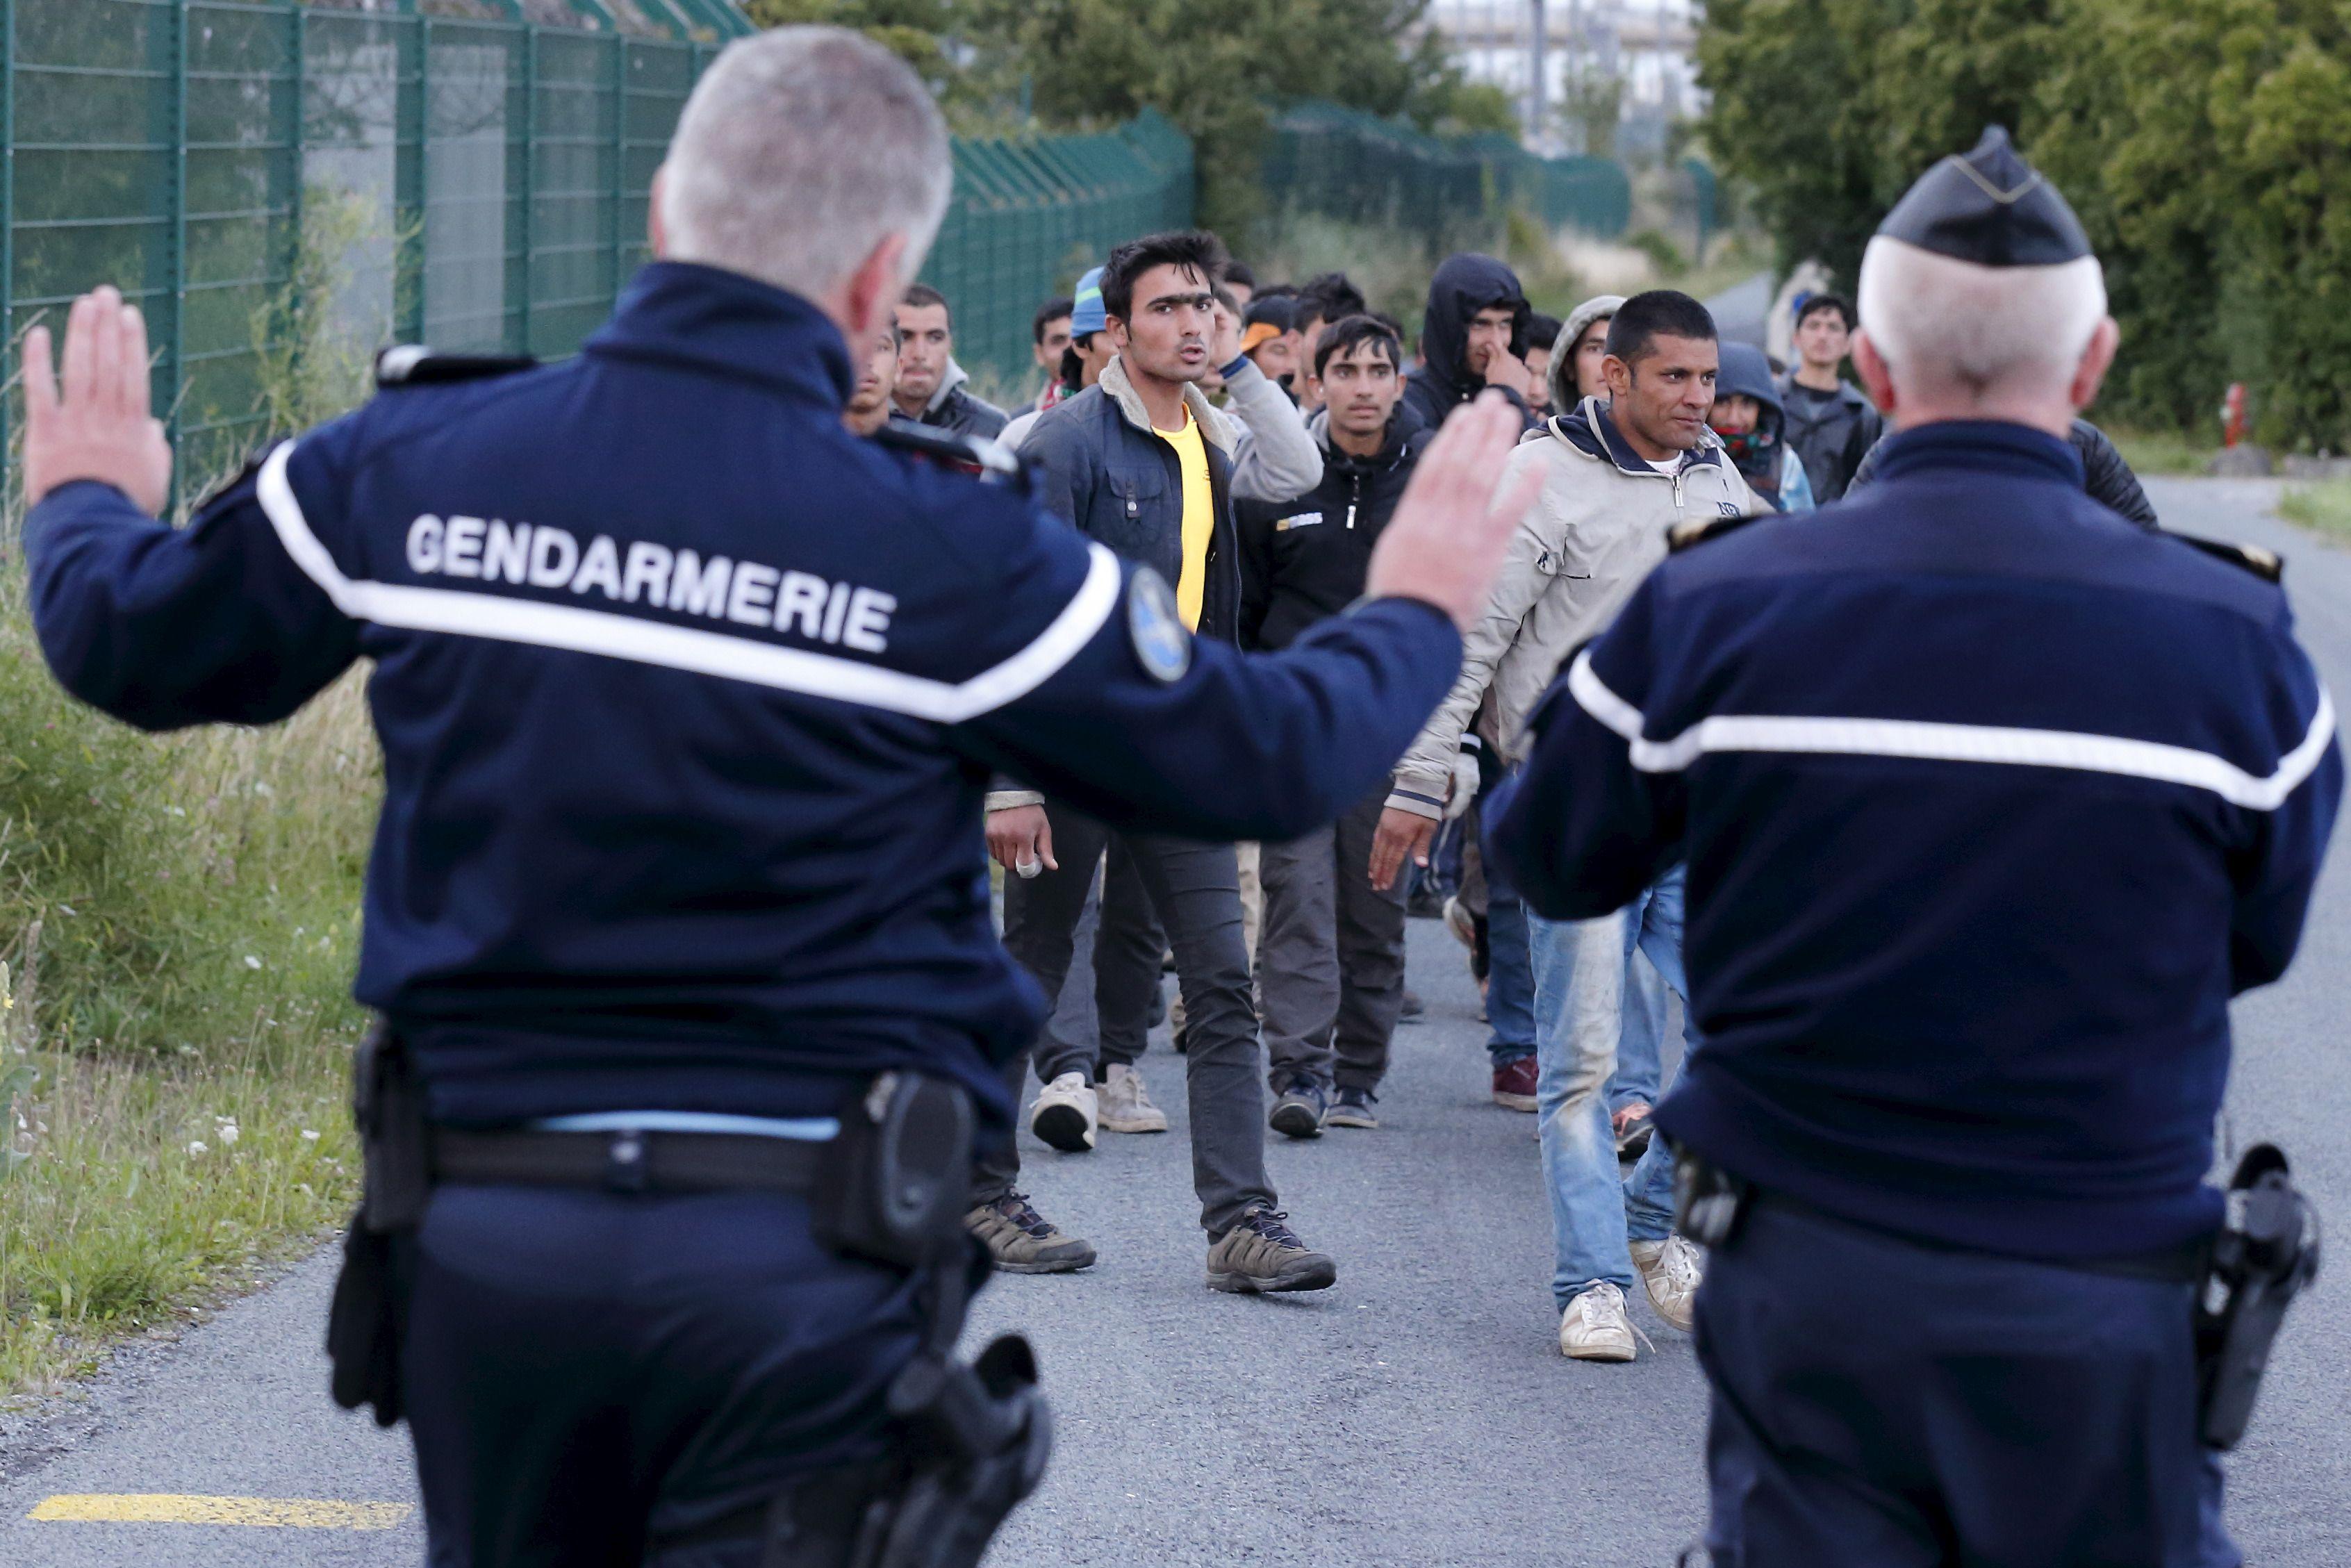 La question des moyens à utiliser pour résoudre la crise des migrants occupe tous les esprits.